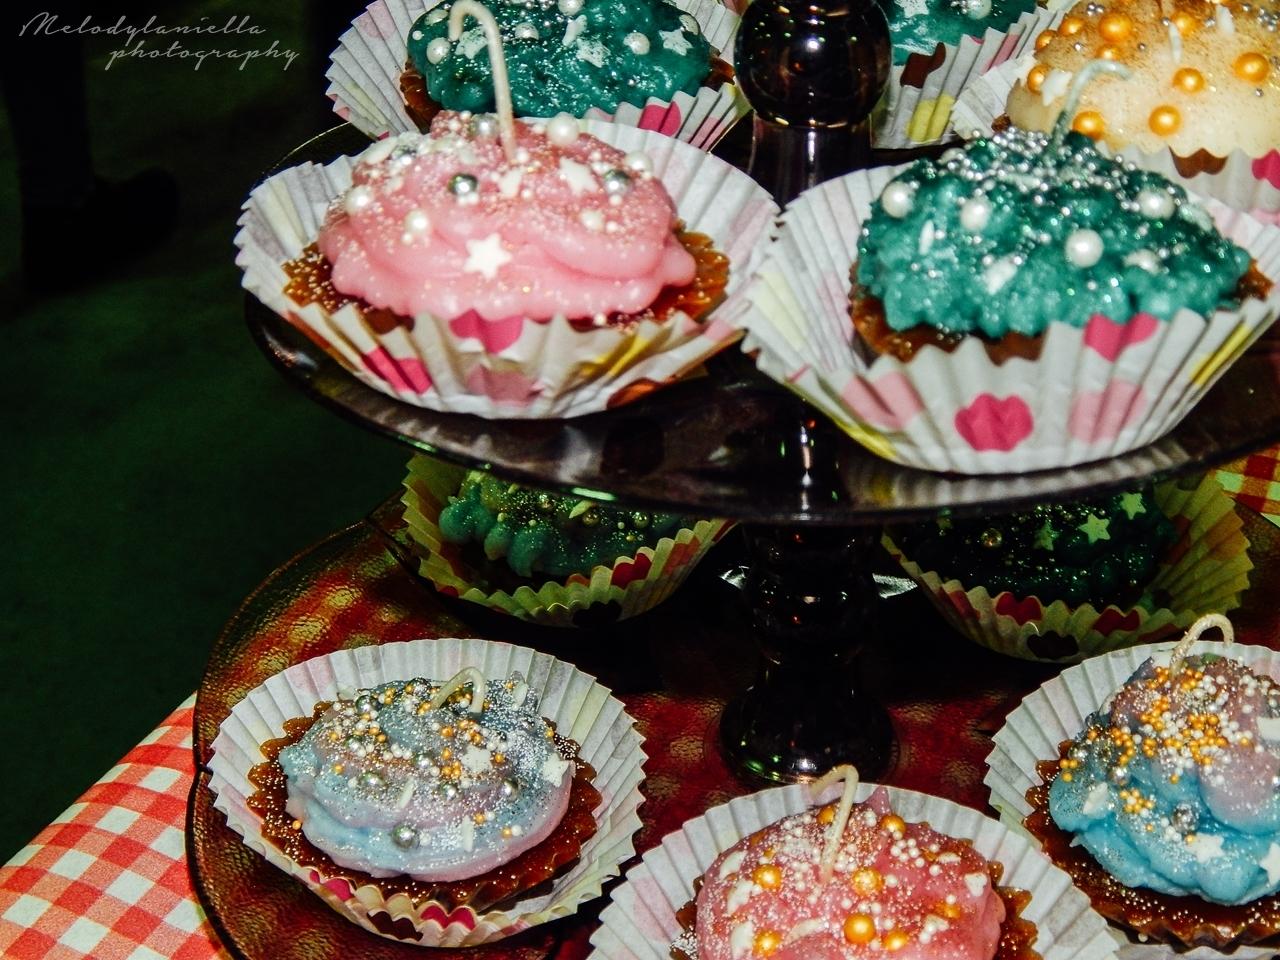 handmade diy świeczki w kształcie muffinek cupacake pomysł na prezent muffinki ciasteczka Boże Narodzenie święta słodkości